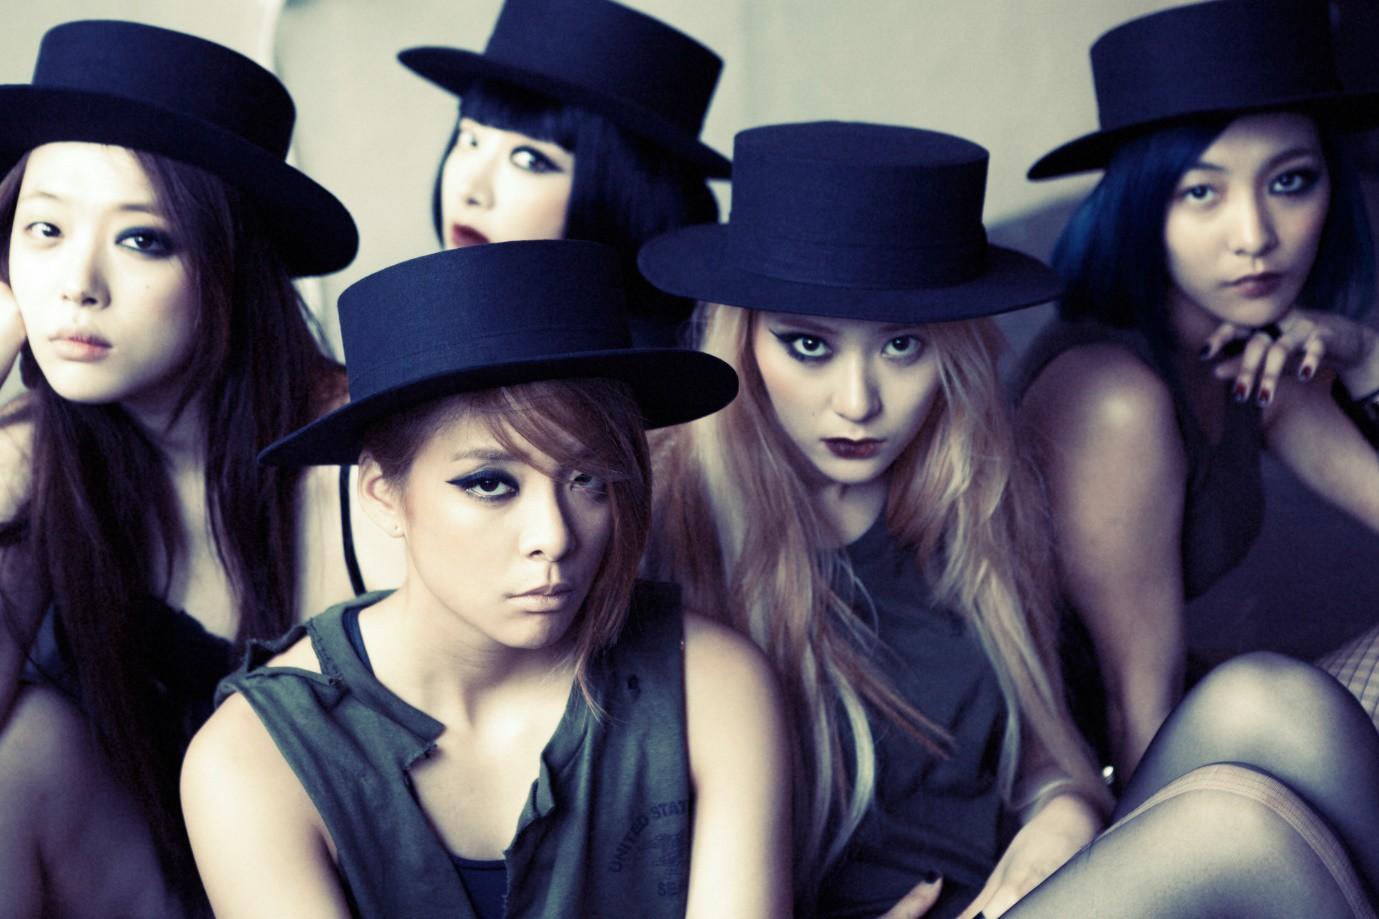 6 nhóm nhạc Kpop có nguy cơ tan rã vào năm 2019: Toàn nhân tố gây sốt, bất ngờ nhất là gà cưng nhà SM - Ảnh 6.